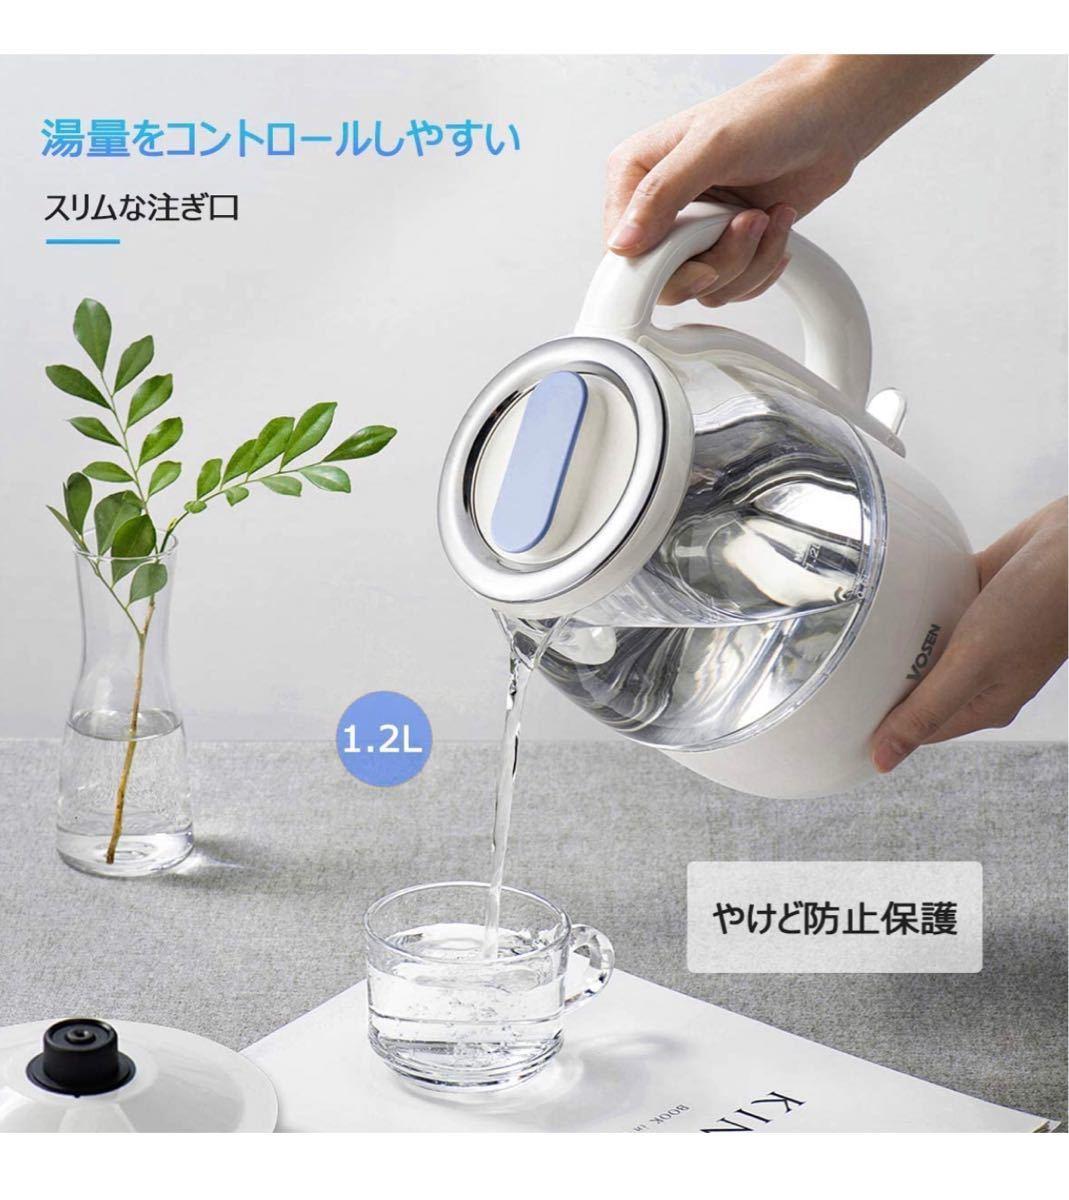 新品 電気ポット 電気ケトル 湯沸かし器 ポット 台所 食事 ケトル キッチン 耐熱ガラス